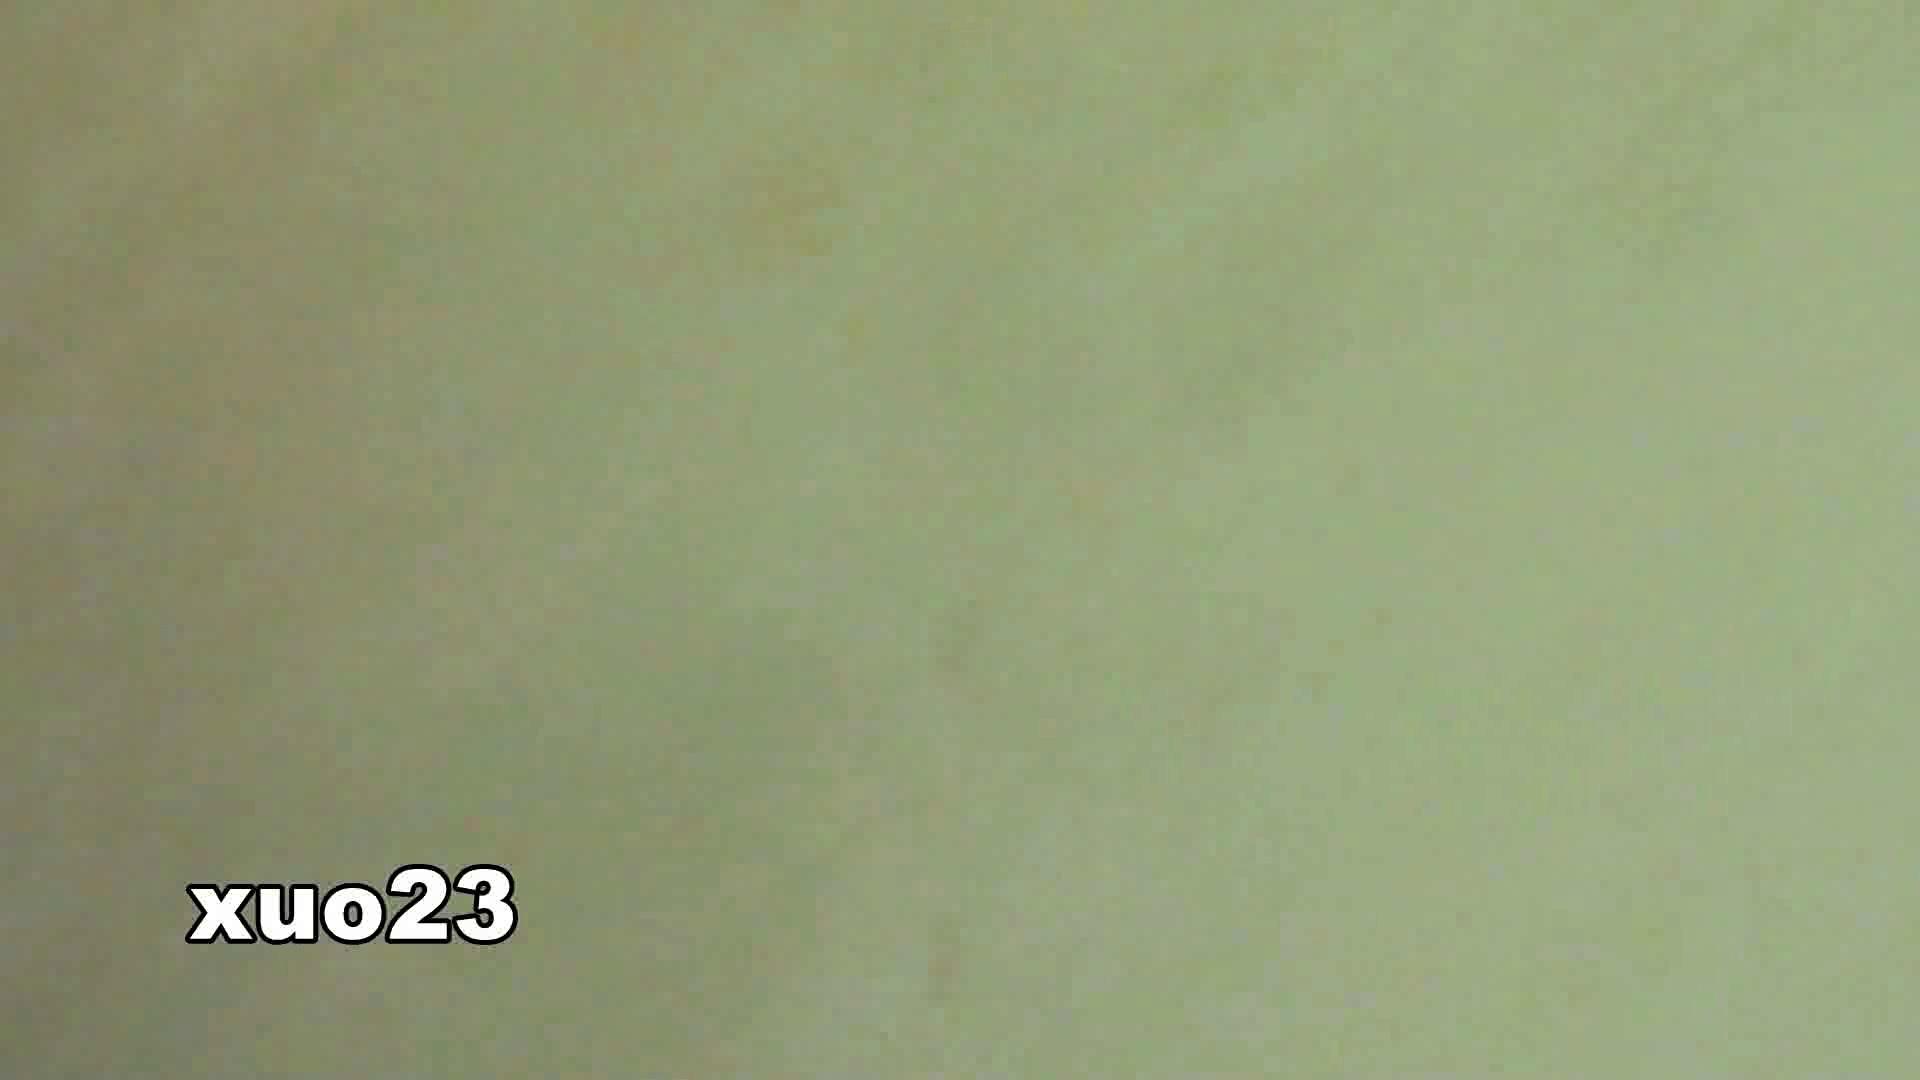 阿国ちゃんの「和式洋式七変化」No.23 飛び出す勢いで大きく8回振ります 丸見え ヌード画像 75画像 9